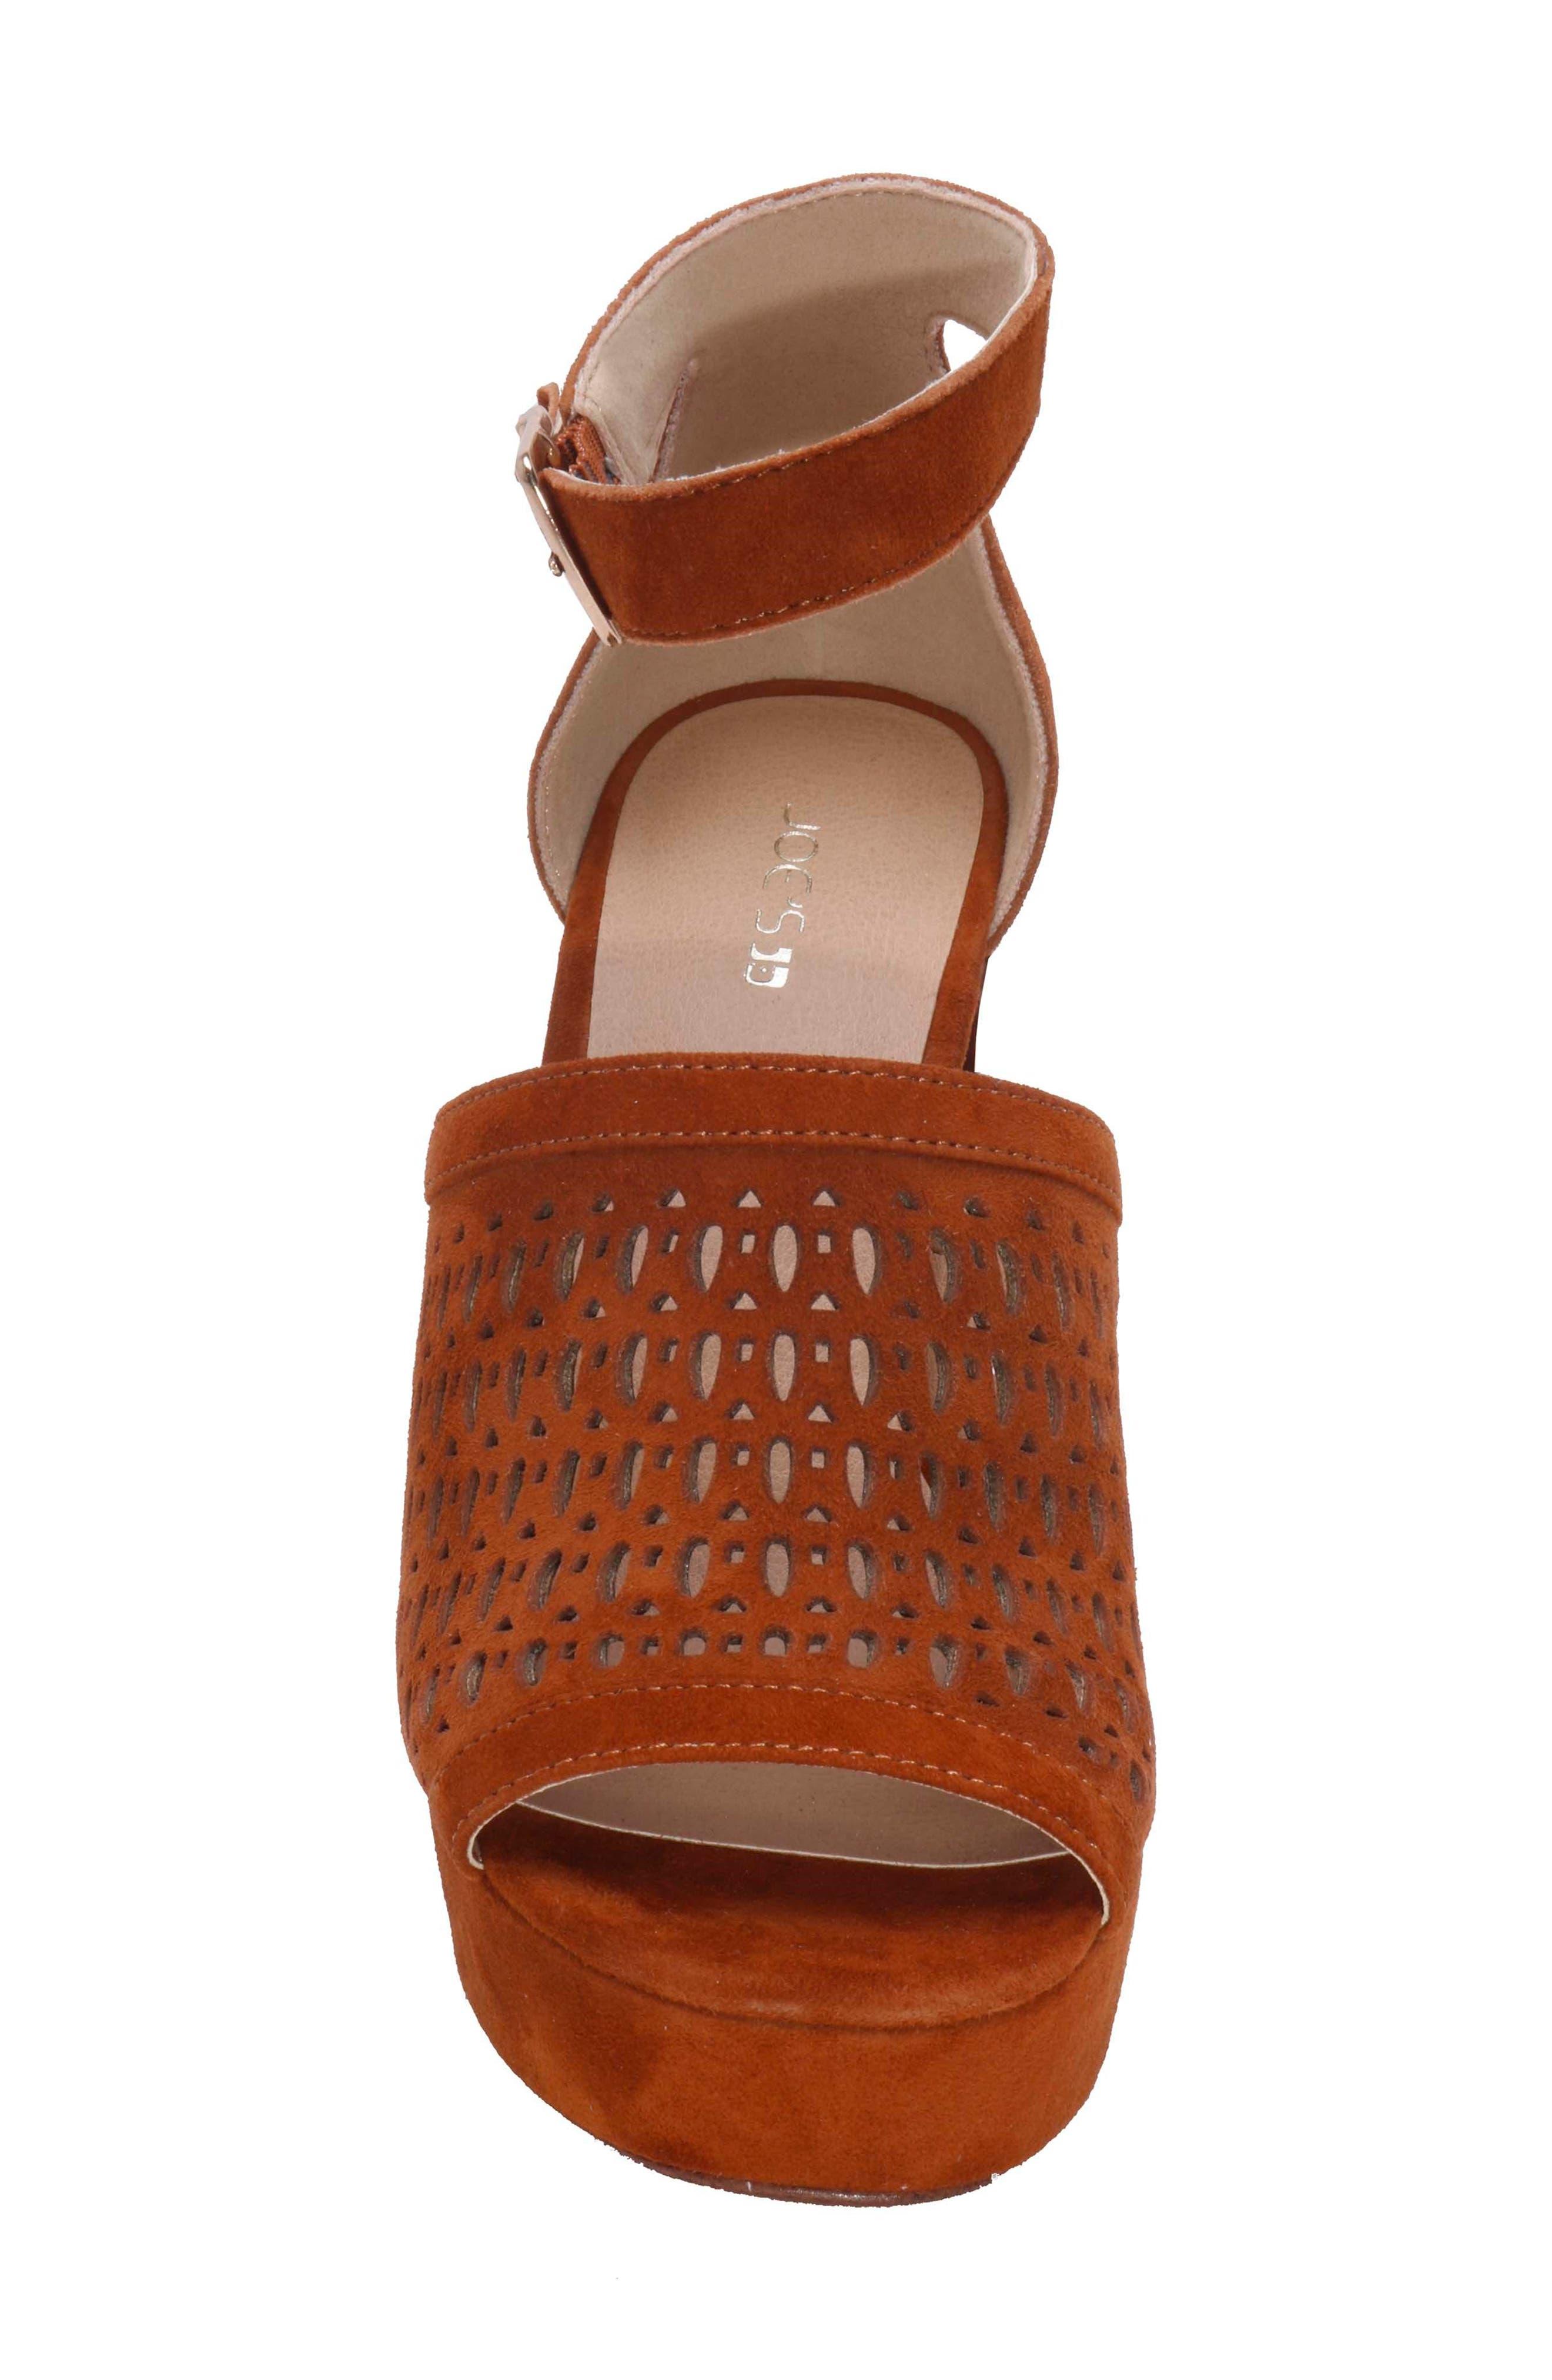 Lorne Platform Sandal,                             Alternate thumbnail 4, color,                             Camel Suede